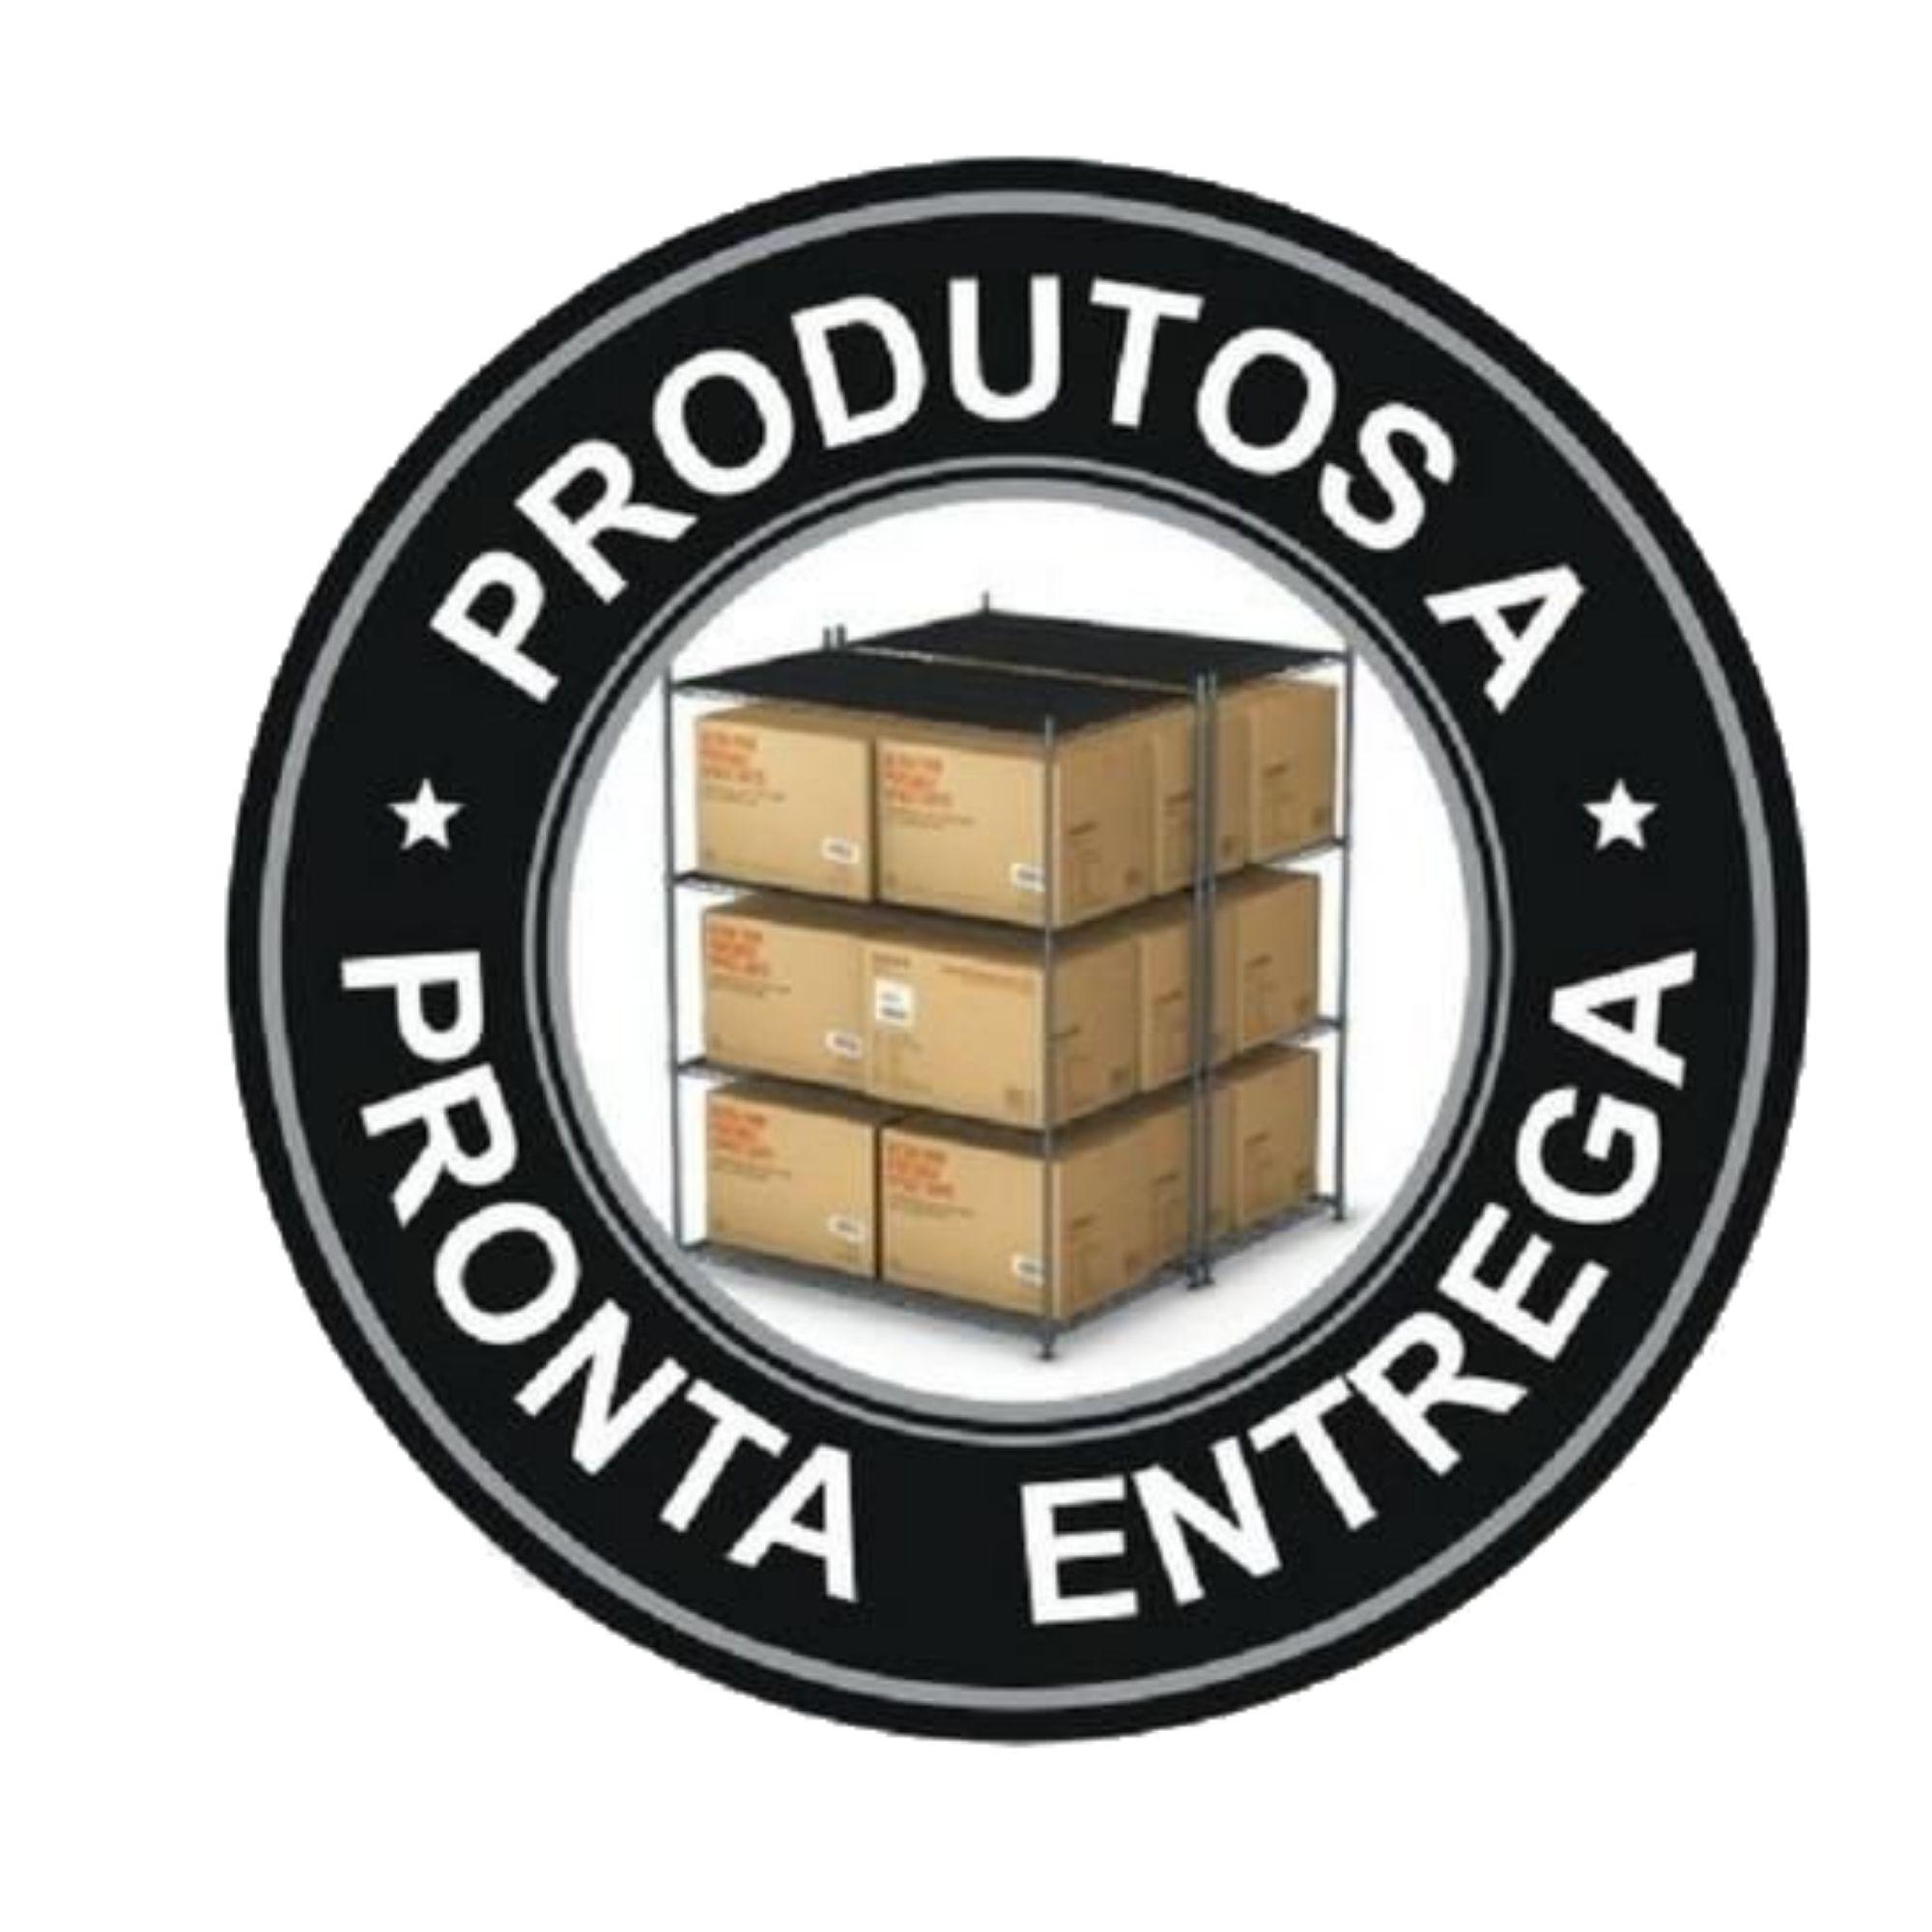 PERNEIRA BIDIN 3TALAS ABERTA - FECHAMENTO  POR TIRAS DUPLAS ADERENTES - POLIFLEX CA: 27348  - DE PAULA EPI